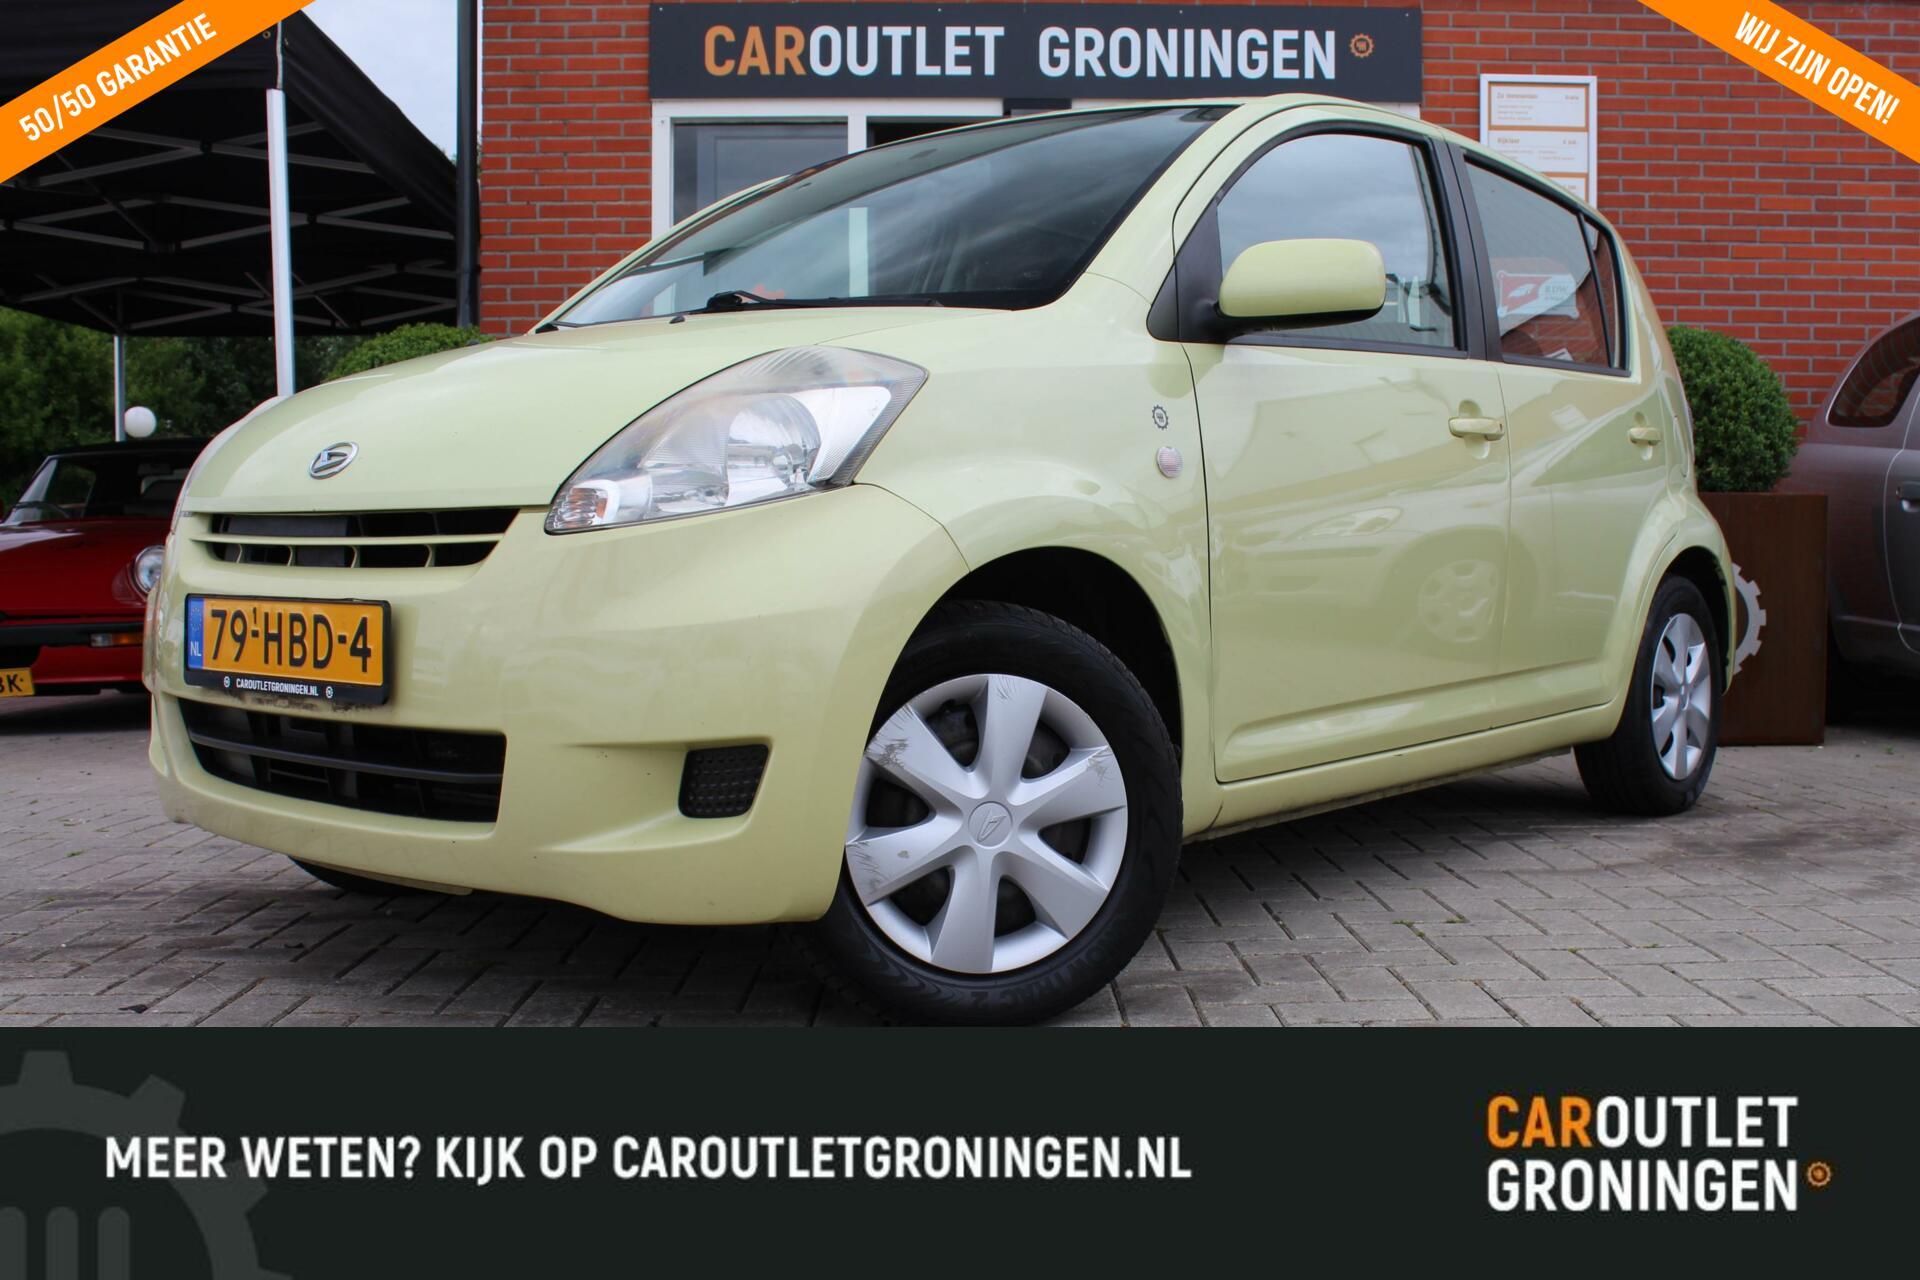 Caroutlet Groningen - Daihatsu Sirion 2 1.0-12V Premium | 2008 | AUX